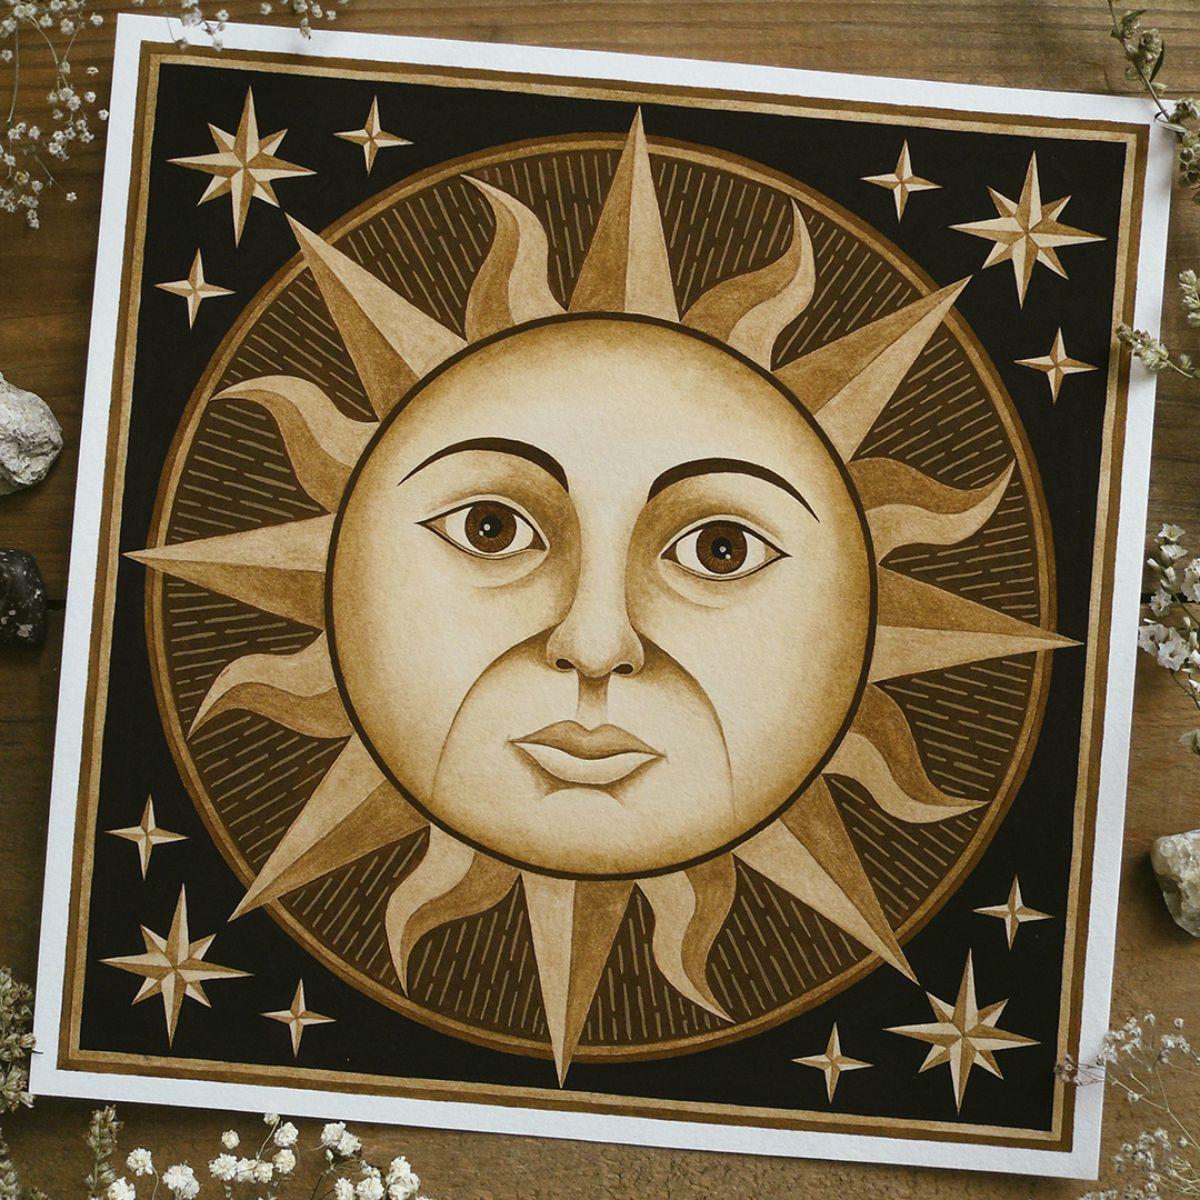 a-forca-expansiva-do-sol-esoterismo-alquimia-universo-energia-cosmica-nosso-blog-imagem.jpg